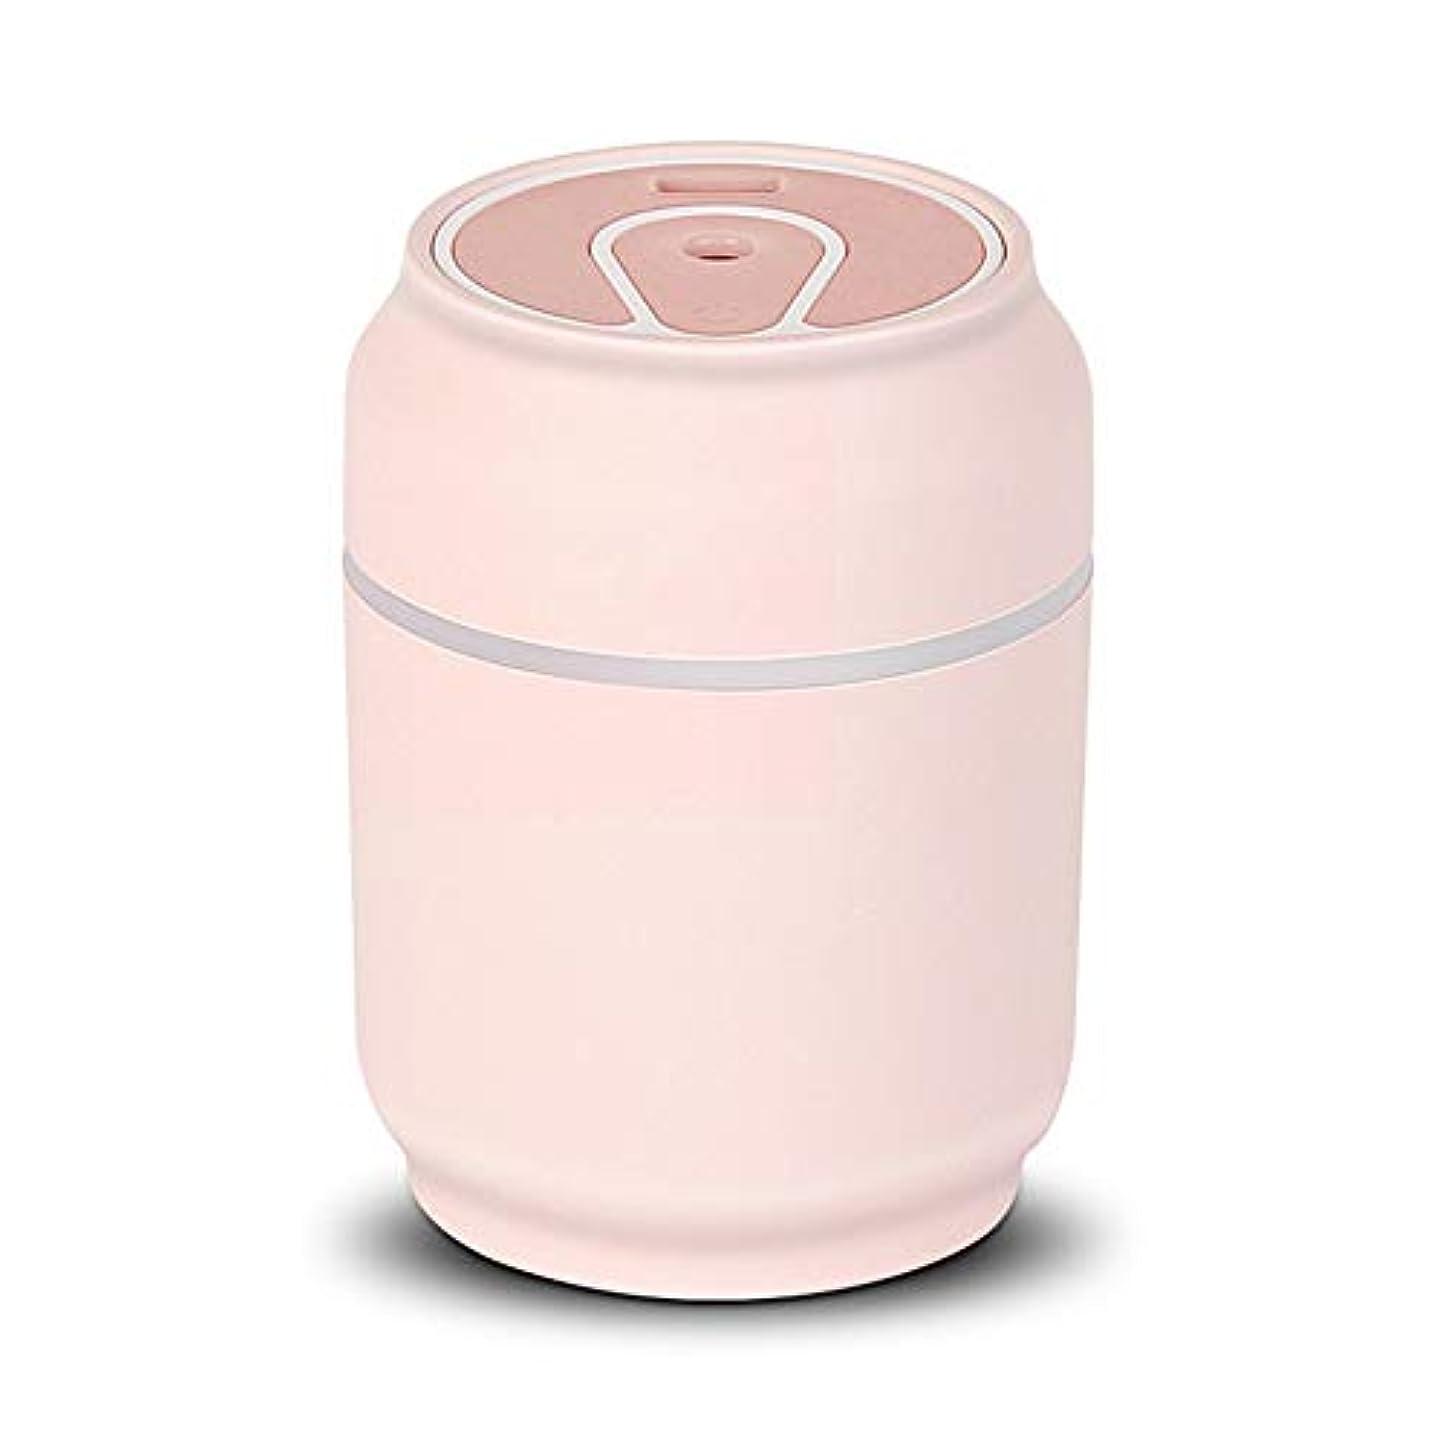 小石記念碑一握りZXF 新しいクリエイティブ缶シェイプUSB充電加湿器ミュート漫画ミニASB素材ナイトライトファン3つ1つの水分補給器具蒸し顔黒緑ピンク黄色 滑らかである (色 : Pink)